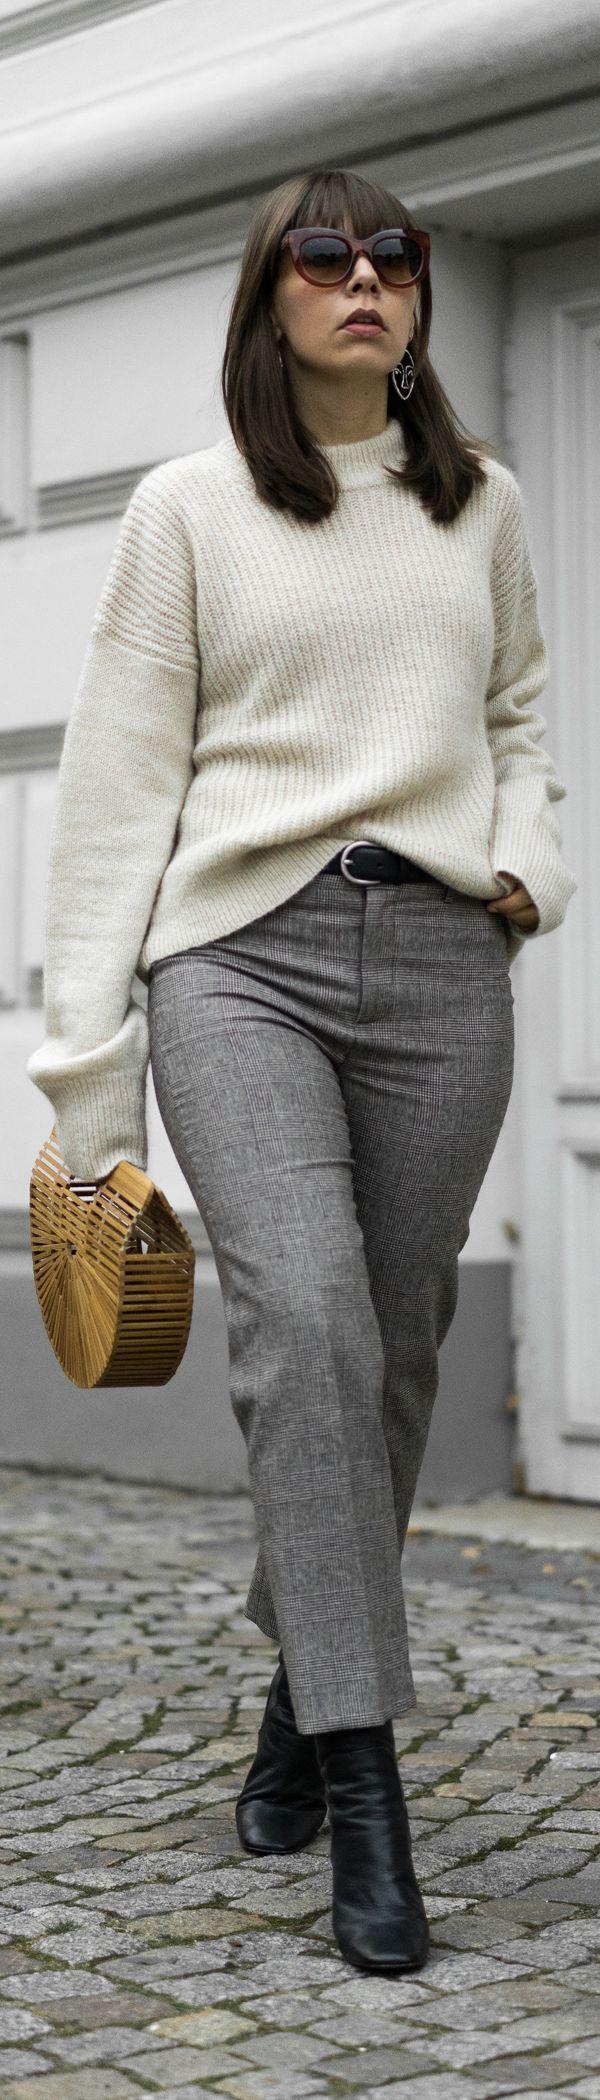 Übergangslook für die Zeit zwischen Sommer und Herbst. Karierte Hose, Strickpullover und Bambustasche kombiniert mit Ankle Boots.